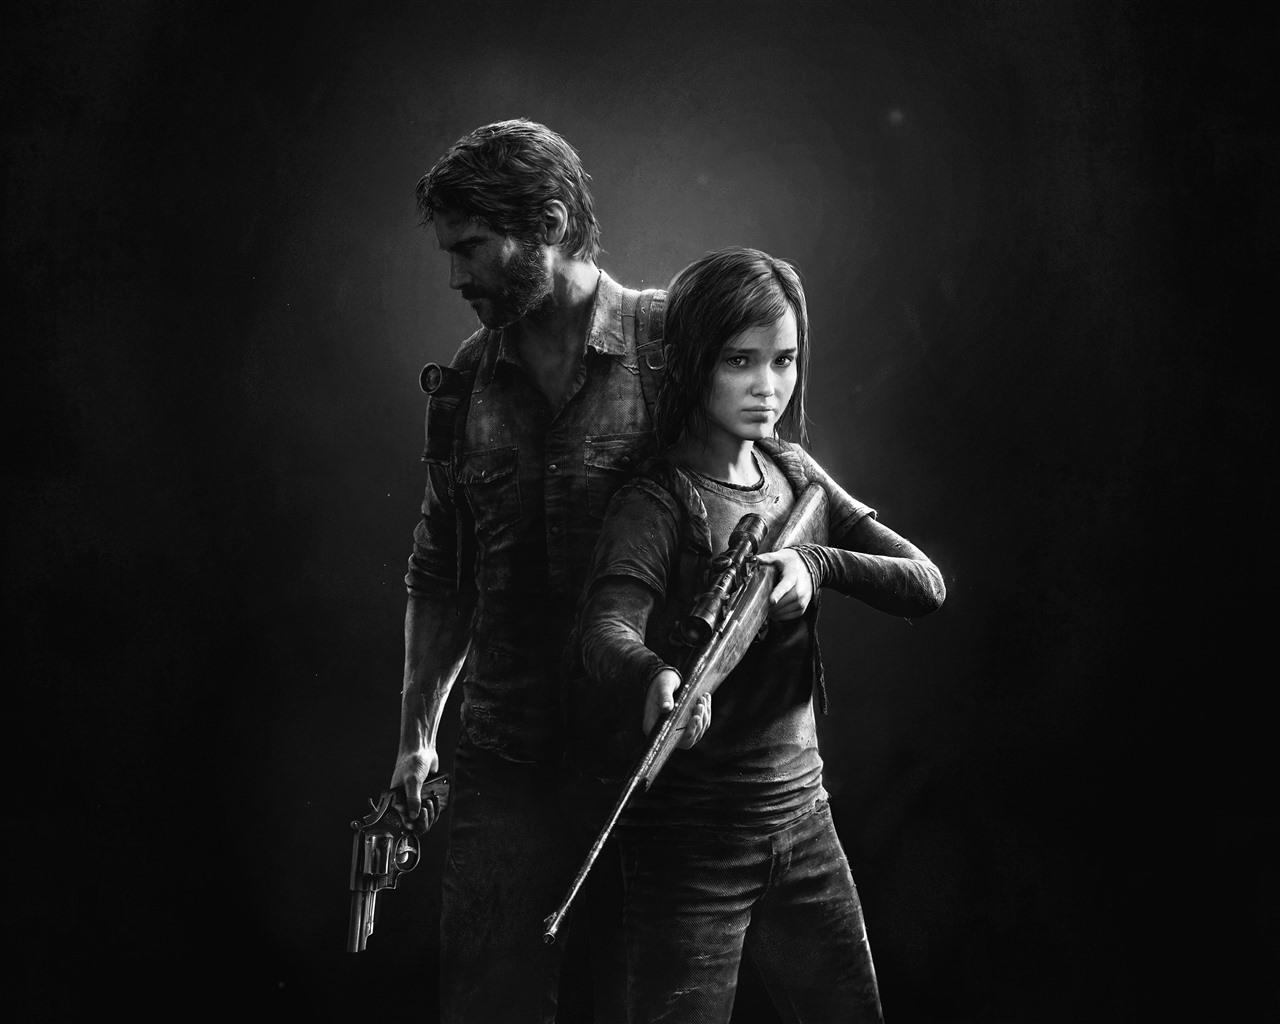 210 The Last Of Us Papéis De Parede Hd: Papéis De Parede O último De Nós, Retrato Preto E Branco